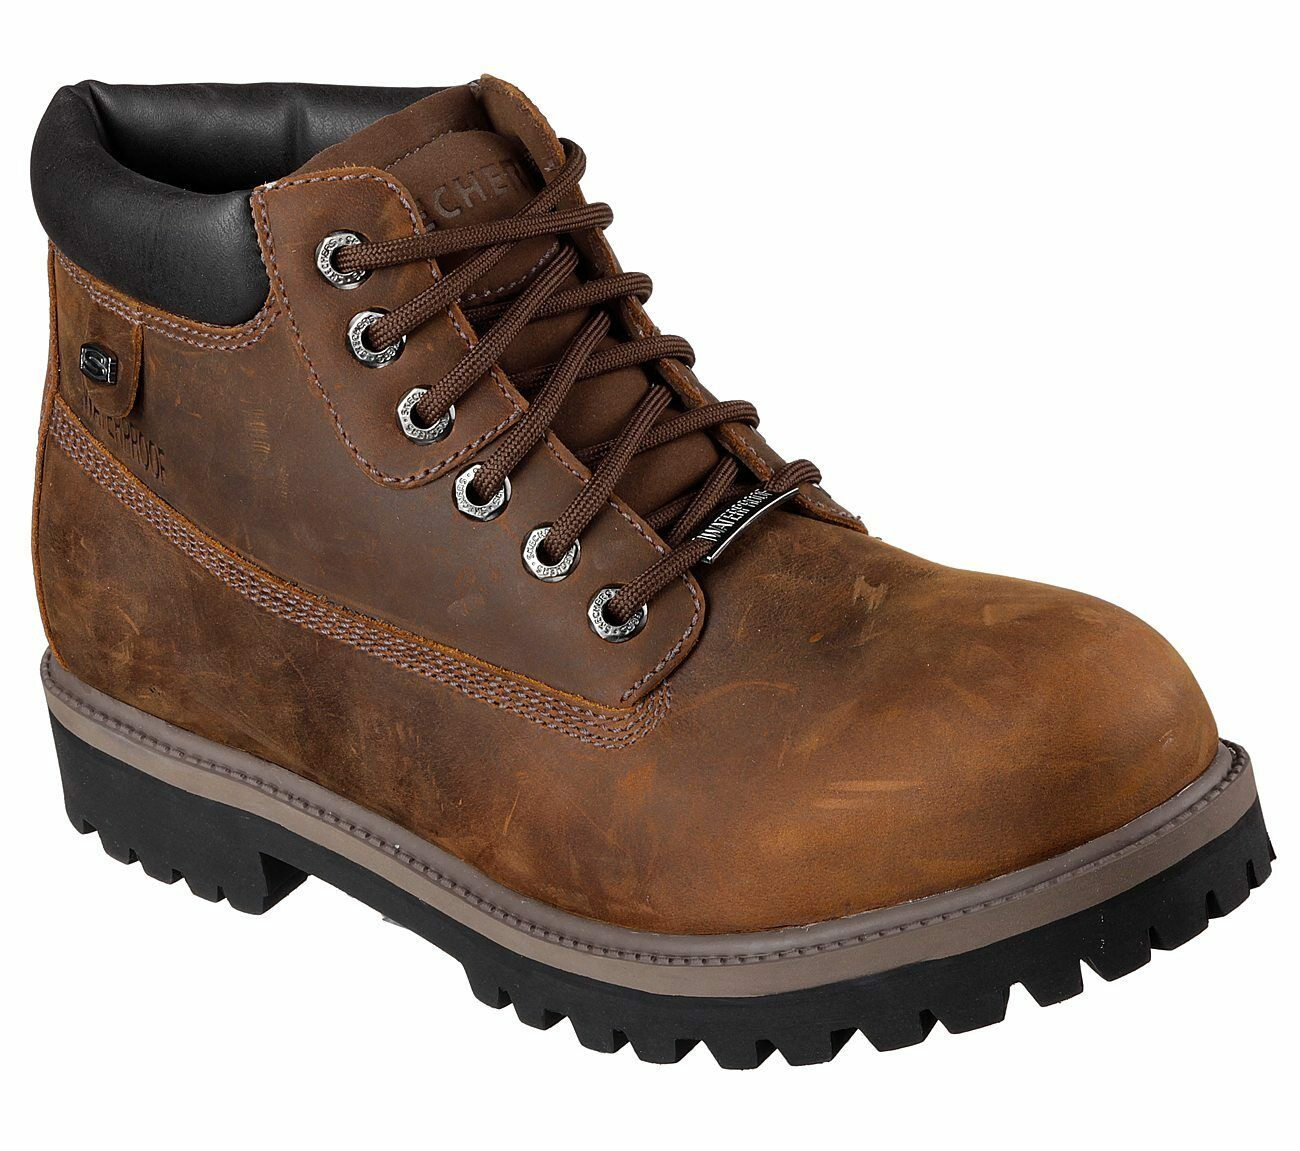 Skechers Men's Sergeants-Verdict Work Boot Memory Foam 4442 CDB